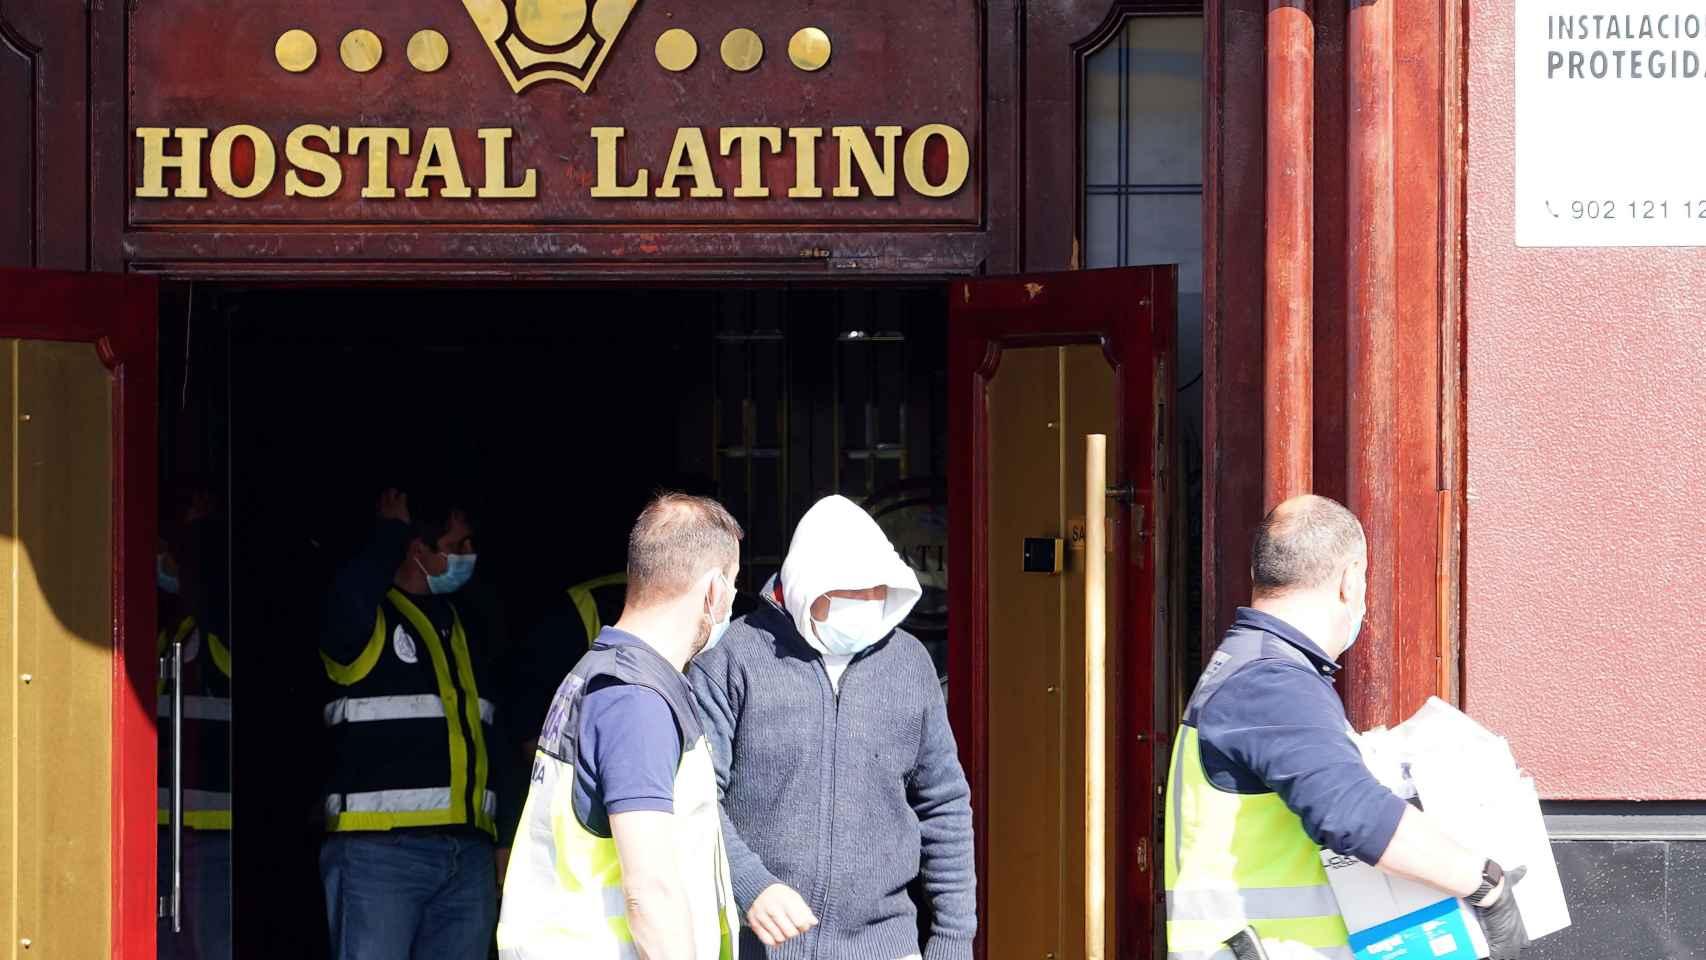 Macrorredada contra el tráfico de drogas y el blanqueo de capitales en Valladolid, Palencia y León 1